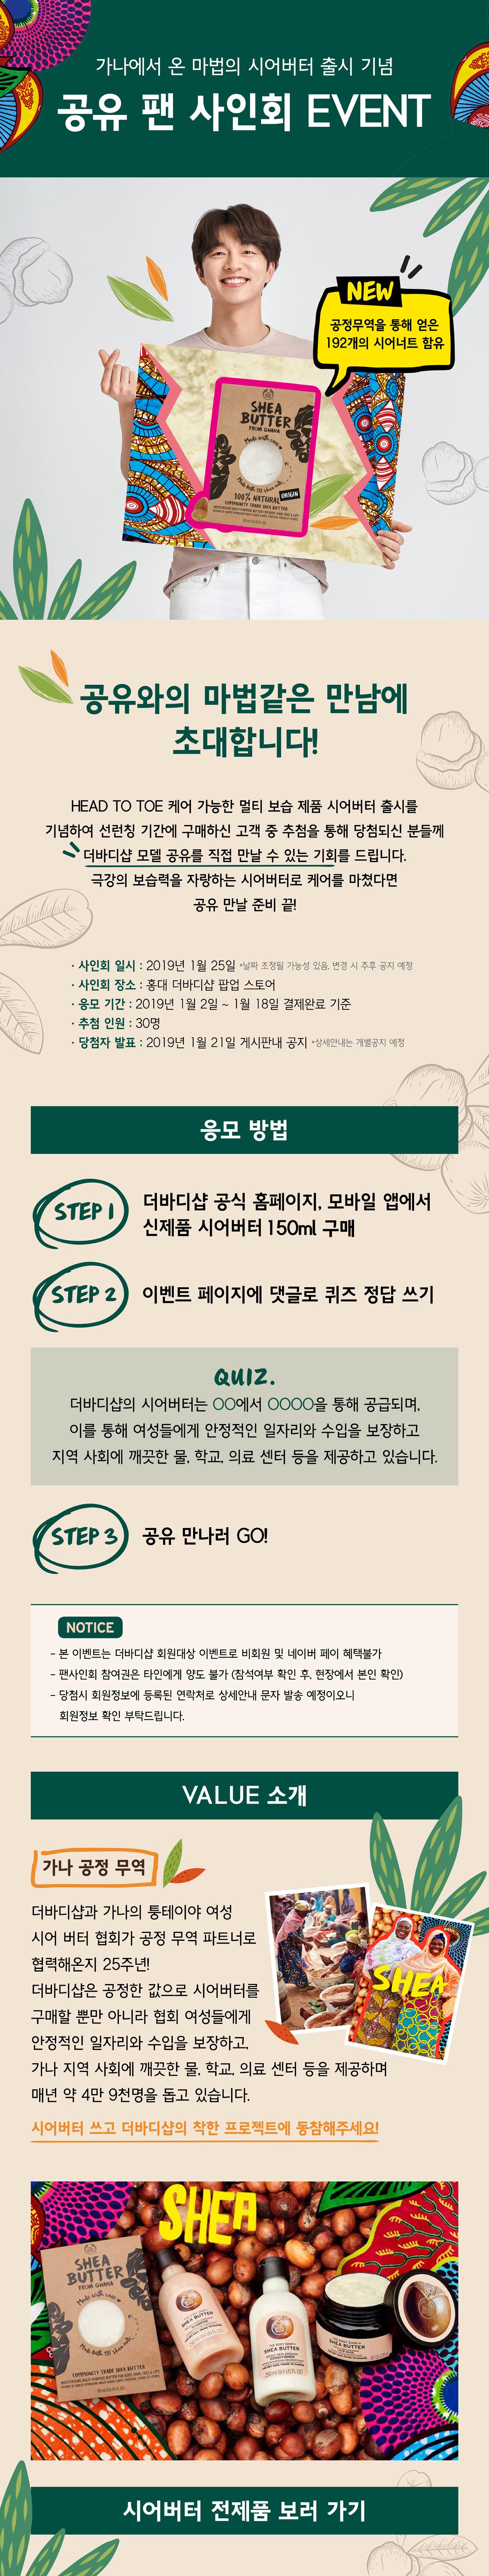 공유 팬 사인회 EVENT